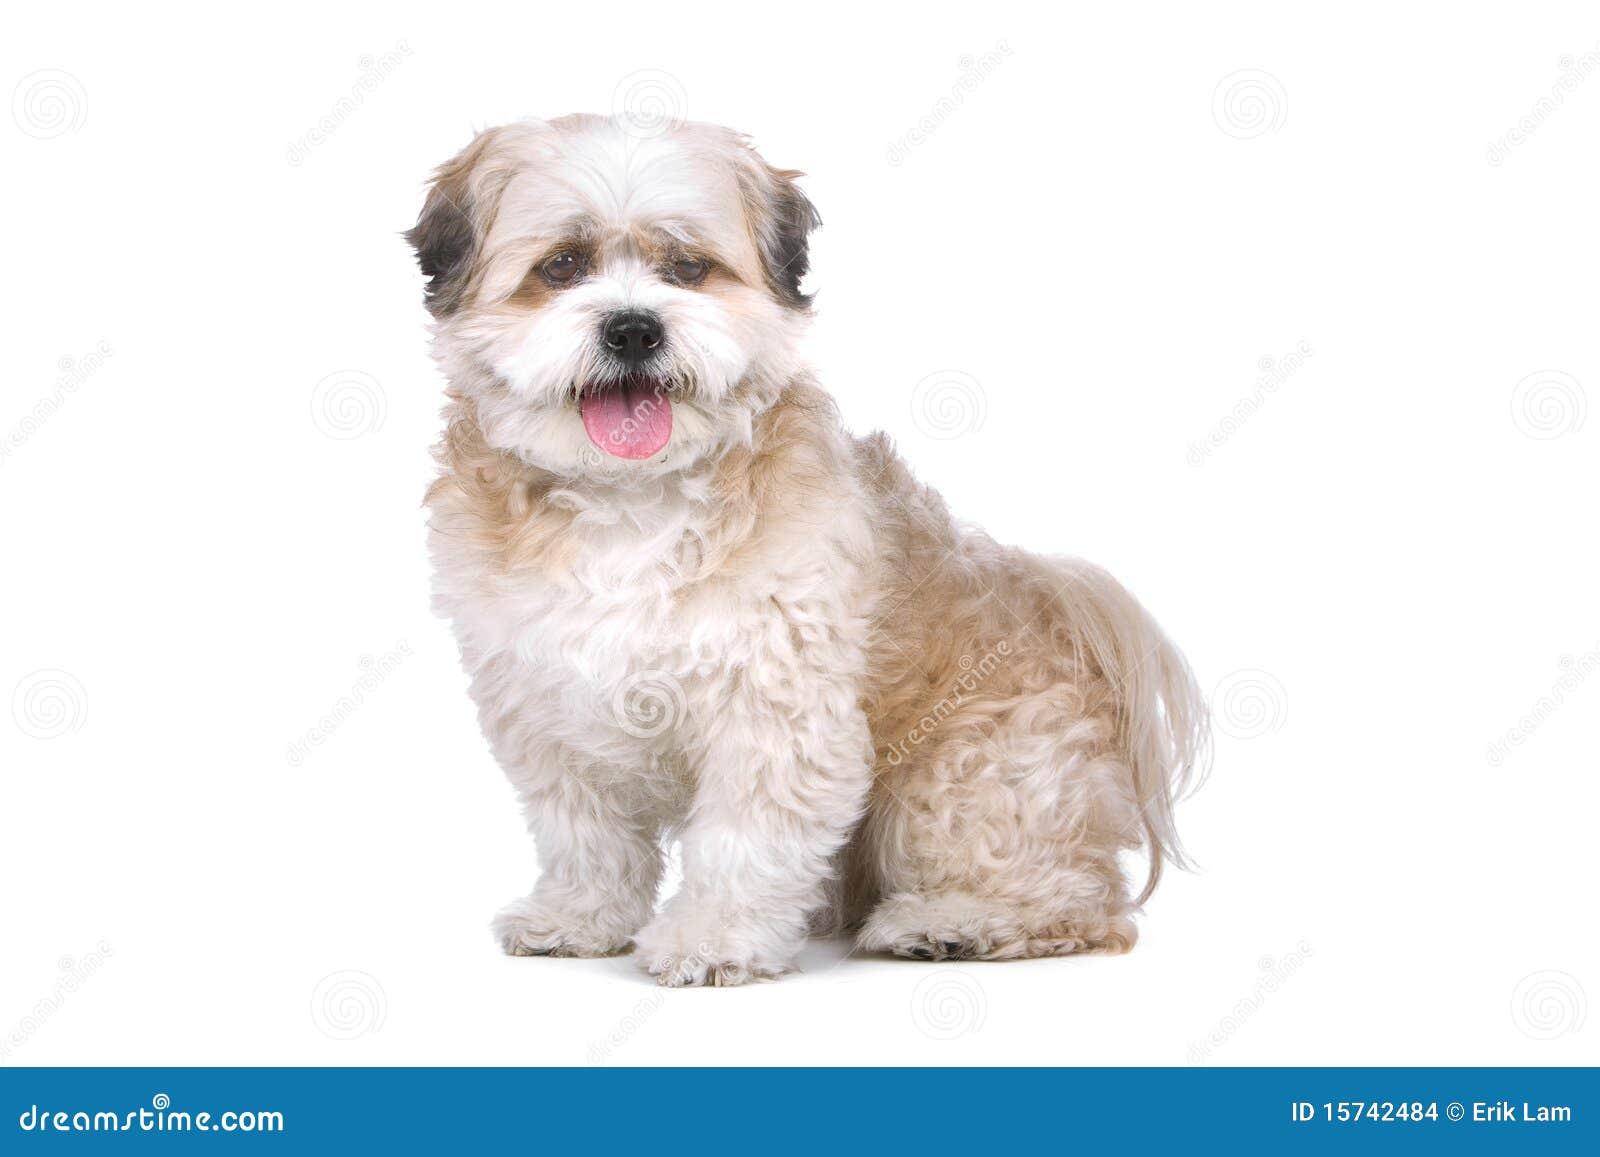 boomer the dog